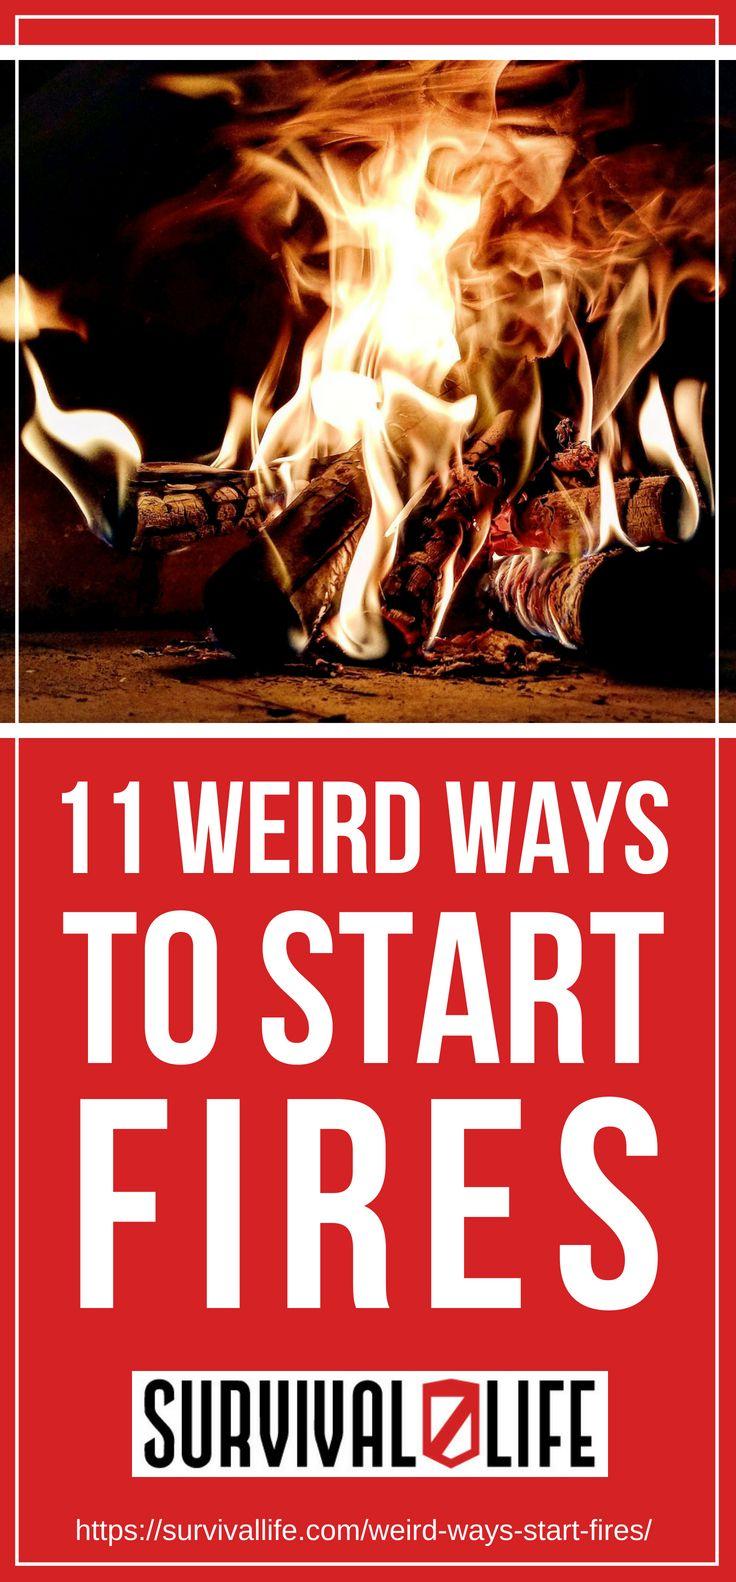 Placard | 11 Weird Ways to Start Fires